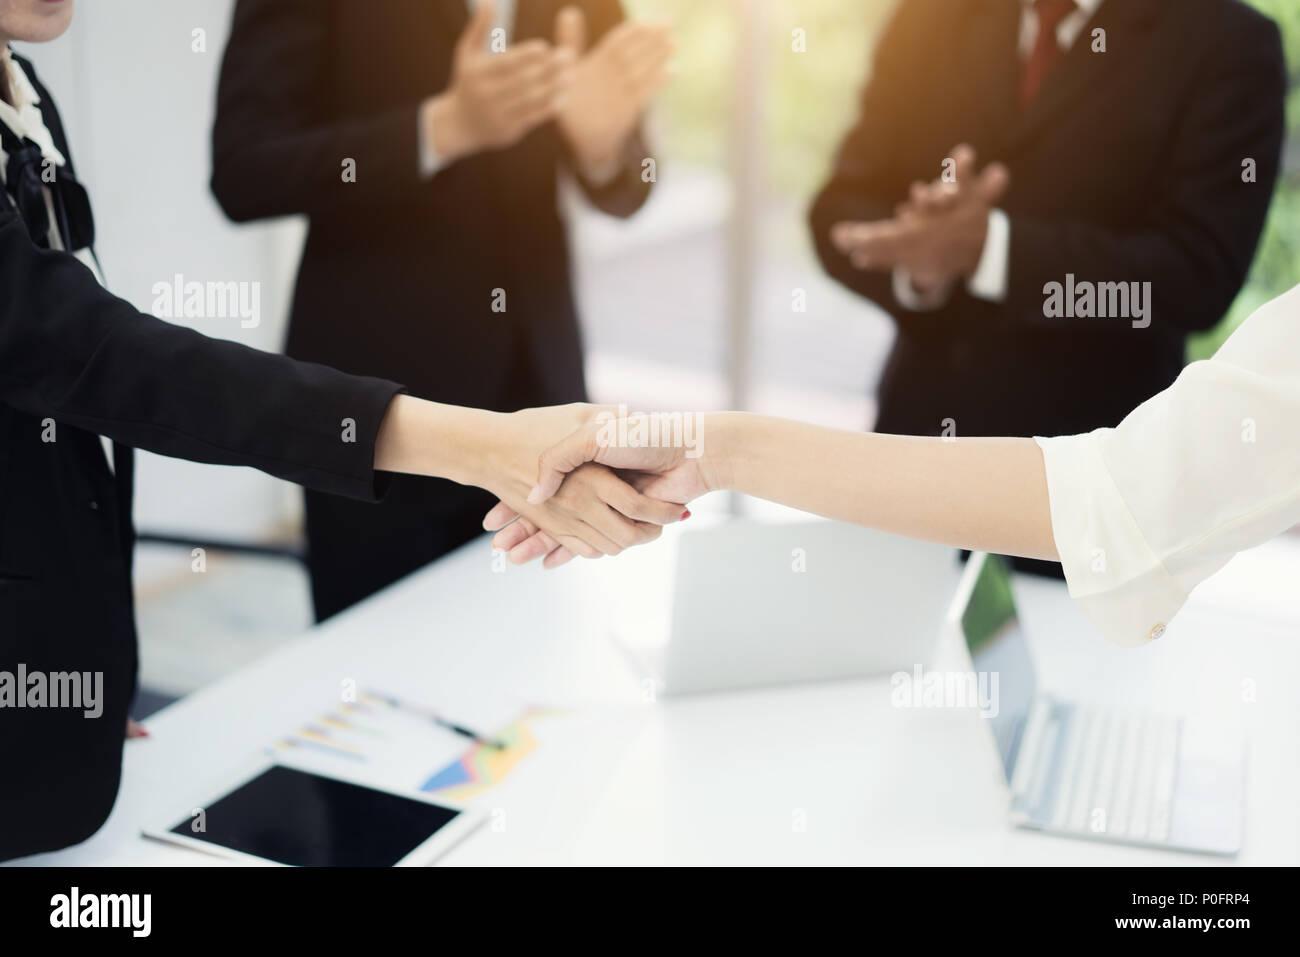 Business people shaking hands, finir une séance pour conclure un accord avec son partenaire d'affaires avec collègue tapez des mains de félicitation. Photo Stock